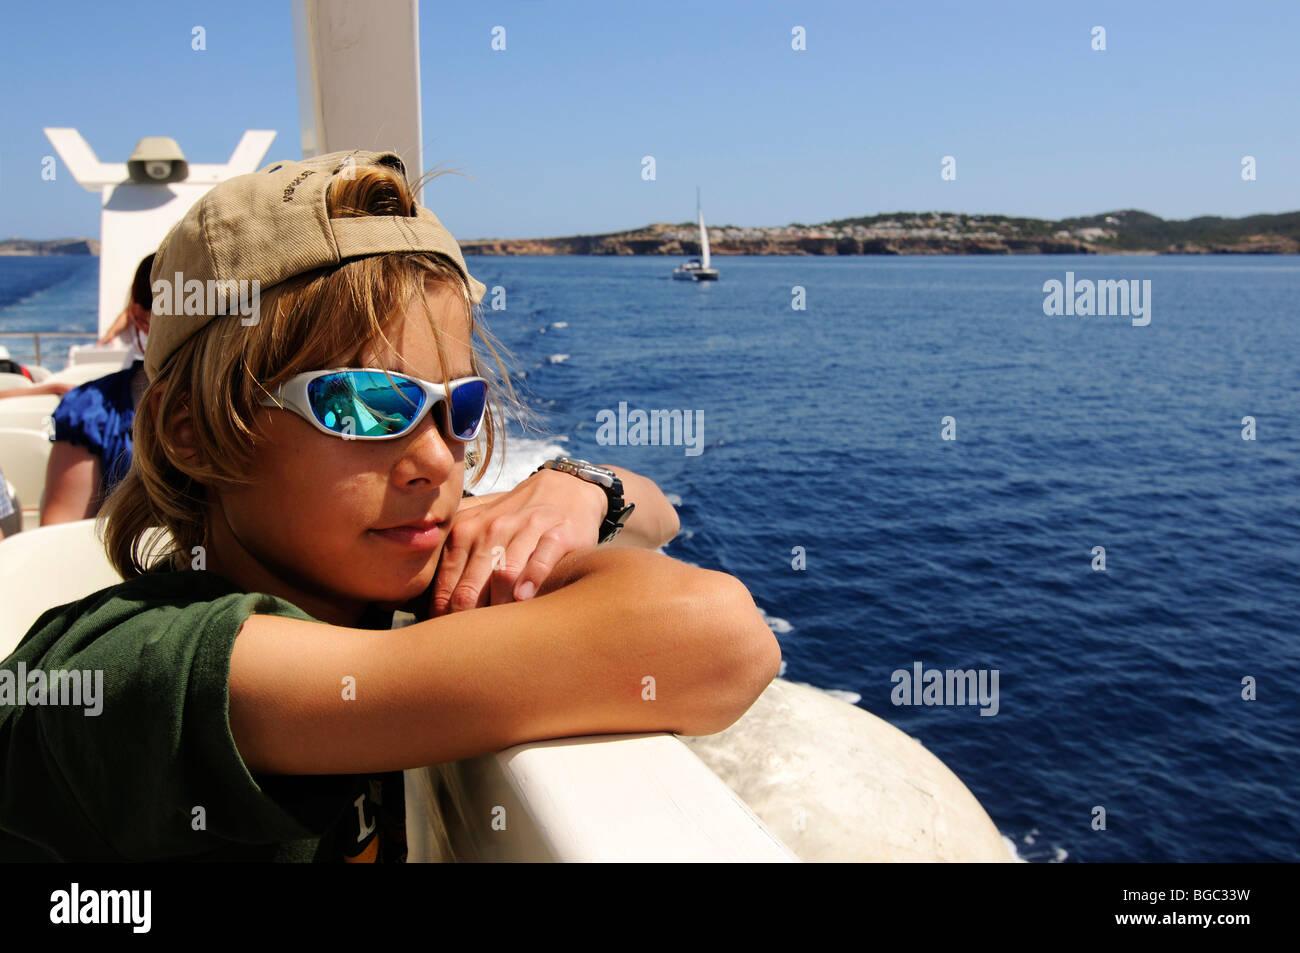 Junge auf einem Ausflugsboot, Ibiza, Kiefer-Inseln, Balearen, Spanien, Europa Stockbild